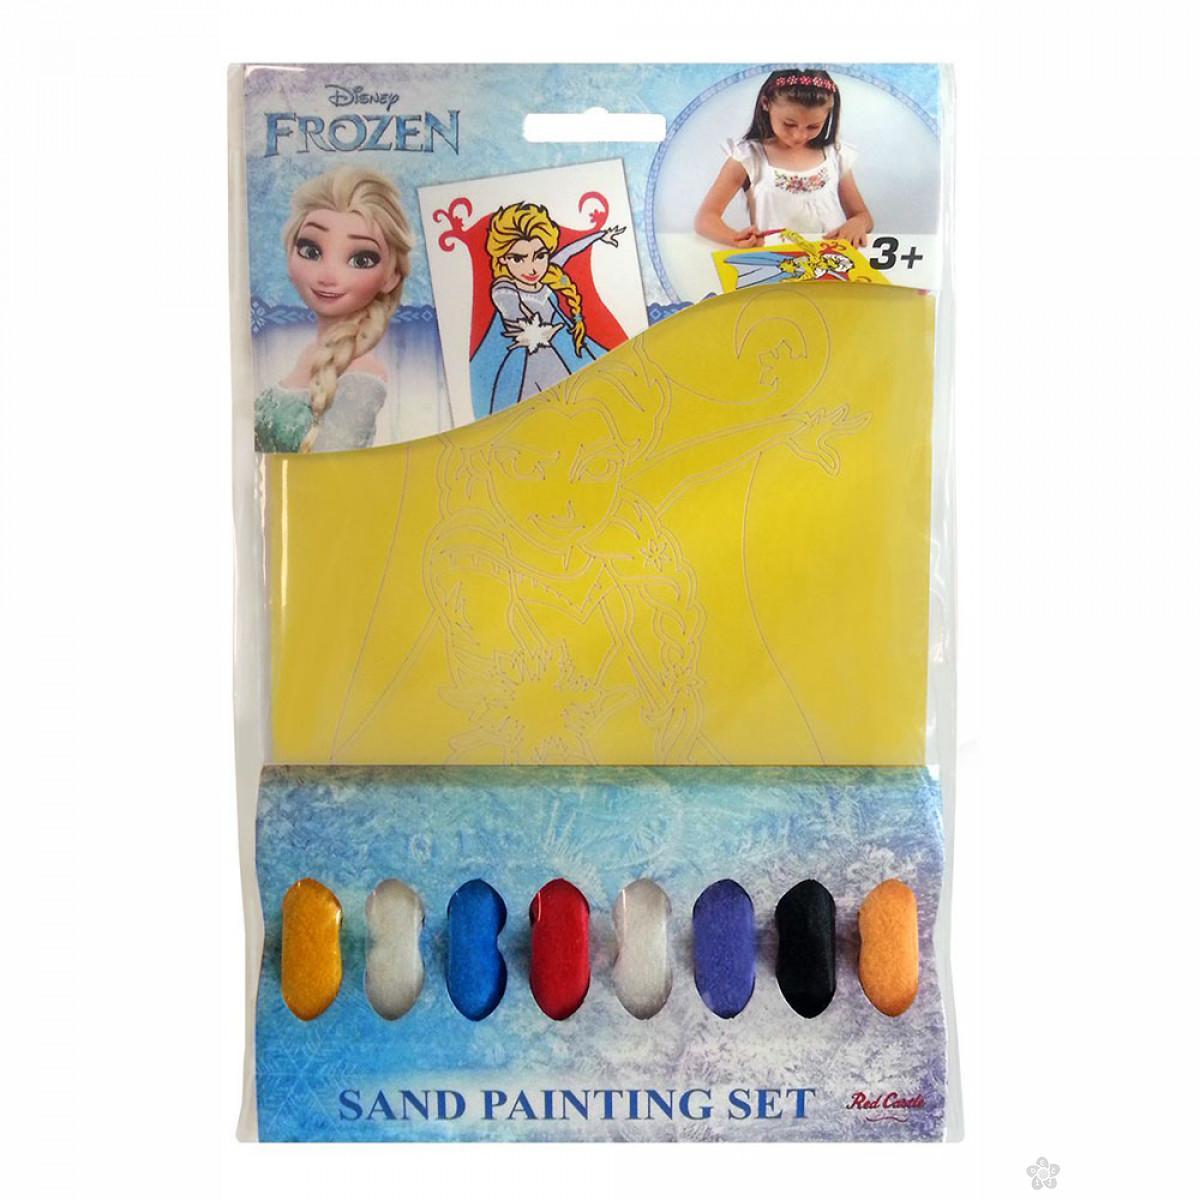 Frozen bojanka za slikanje peskom